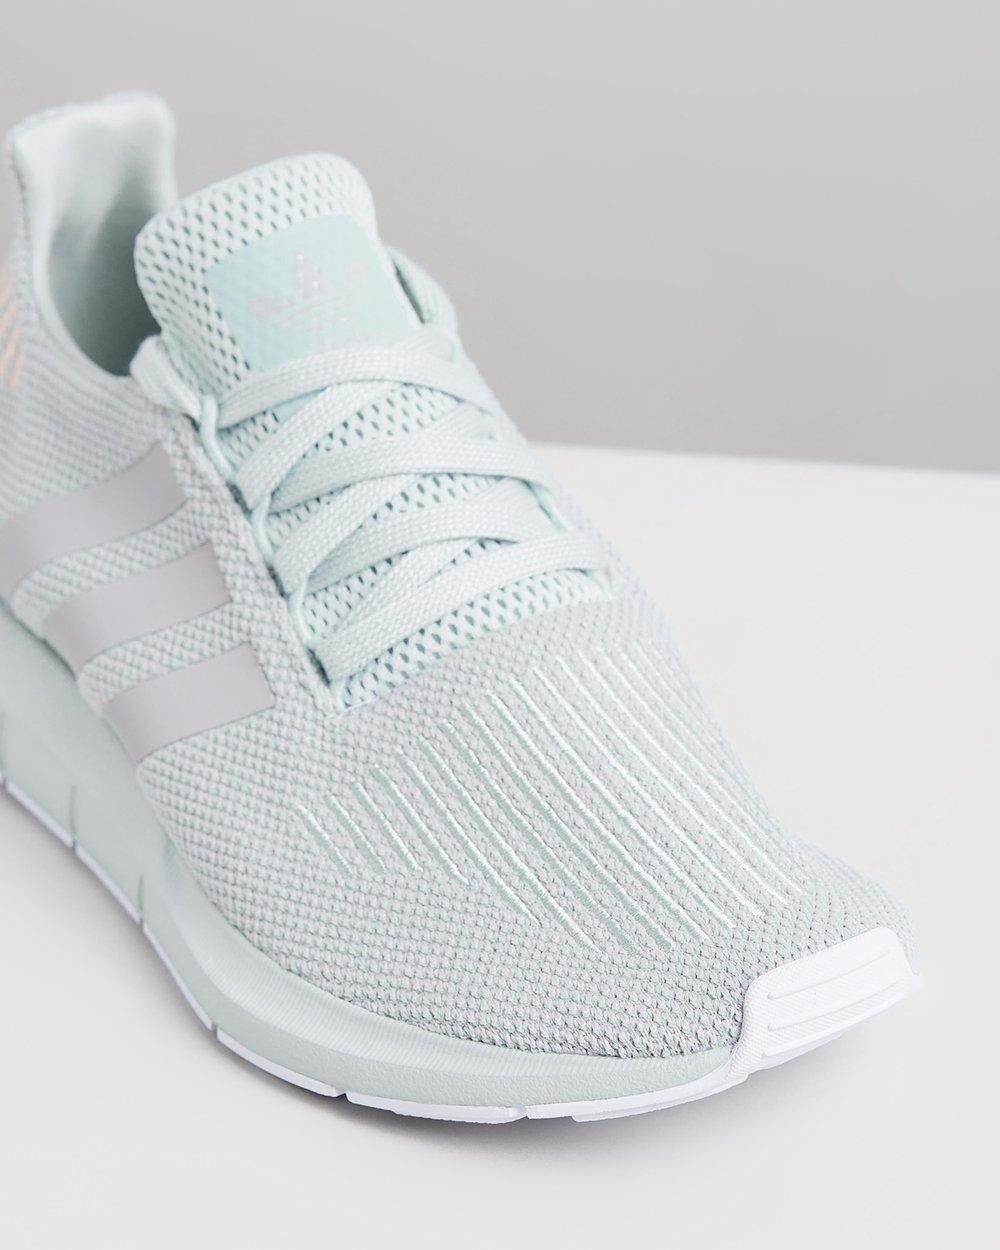 269fcce96ee12 Swift Run - Women s by adidas Originals Online